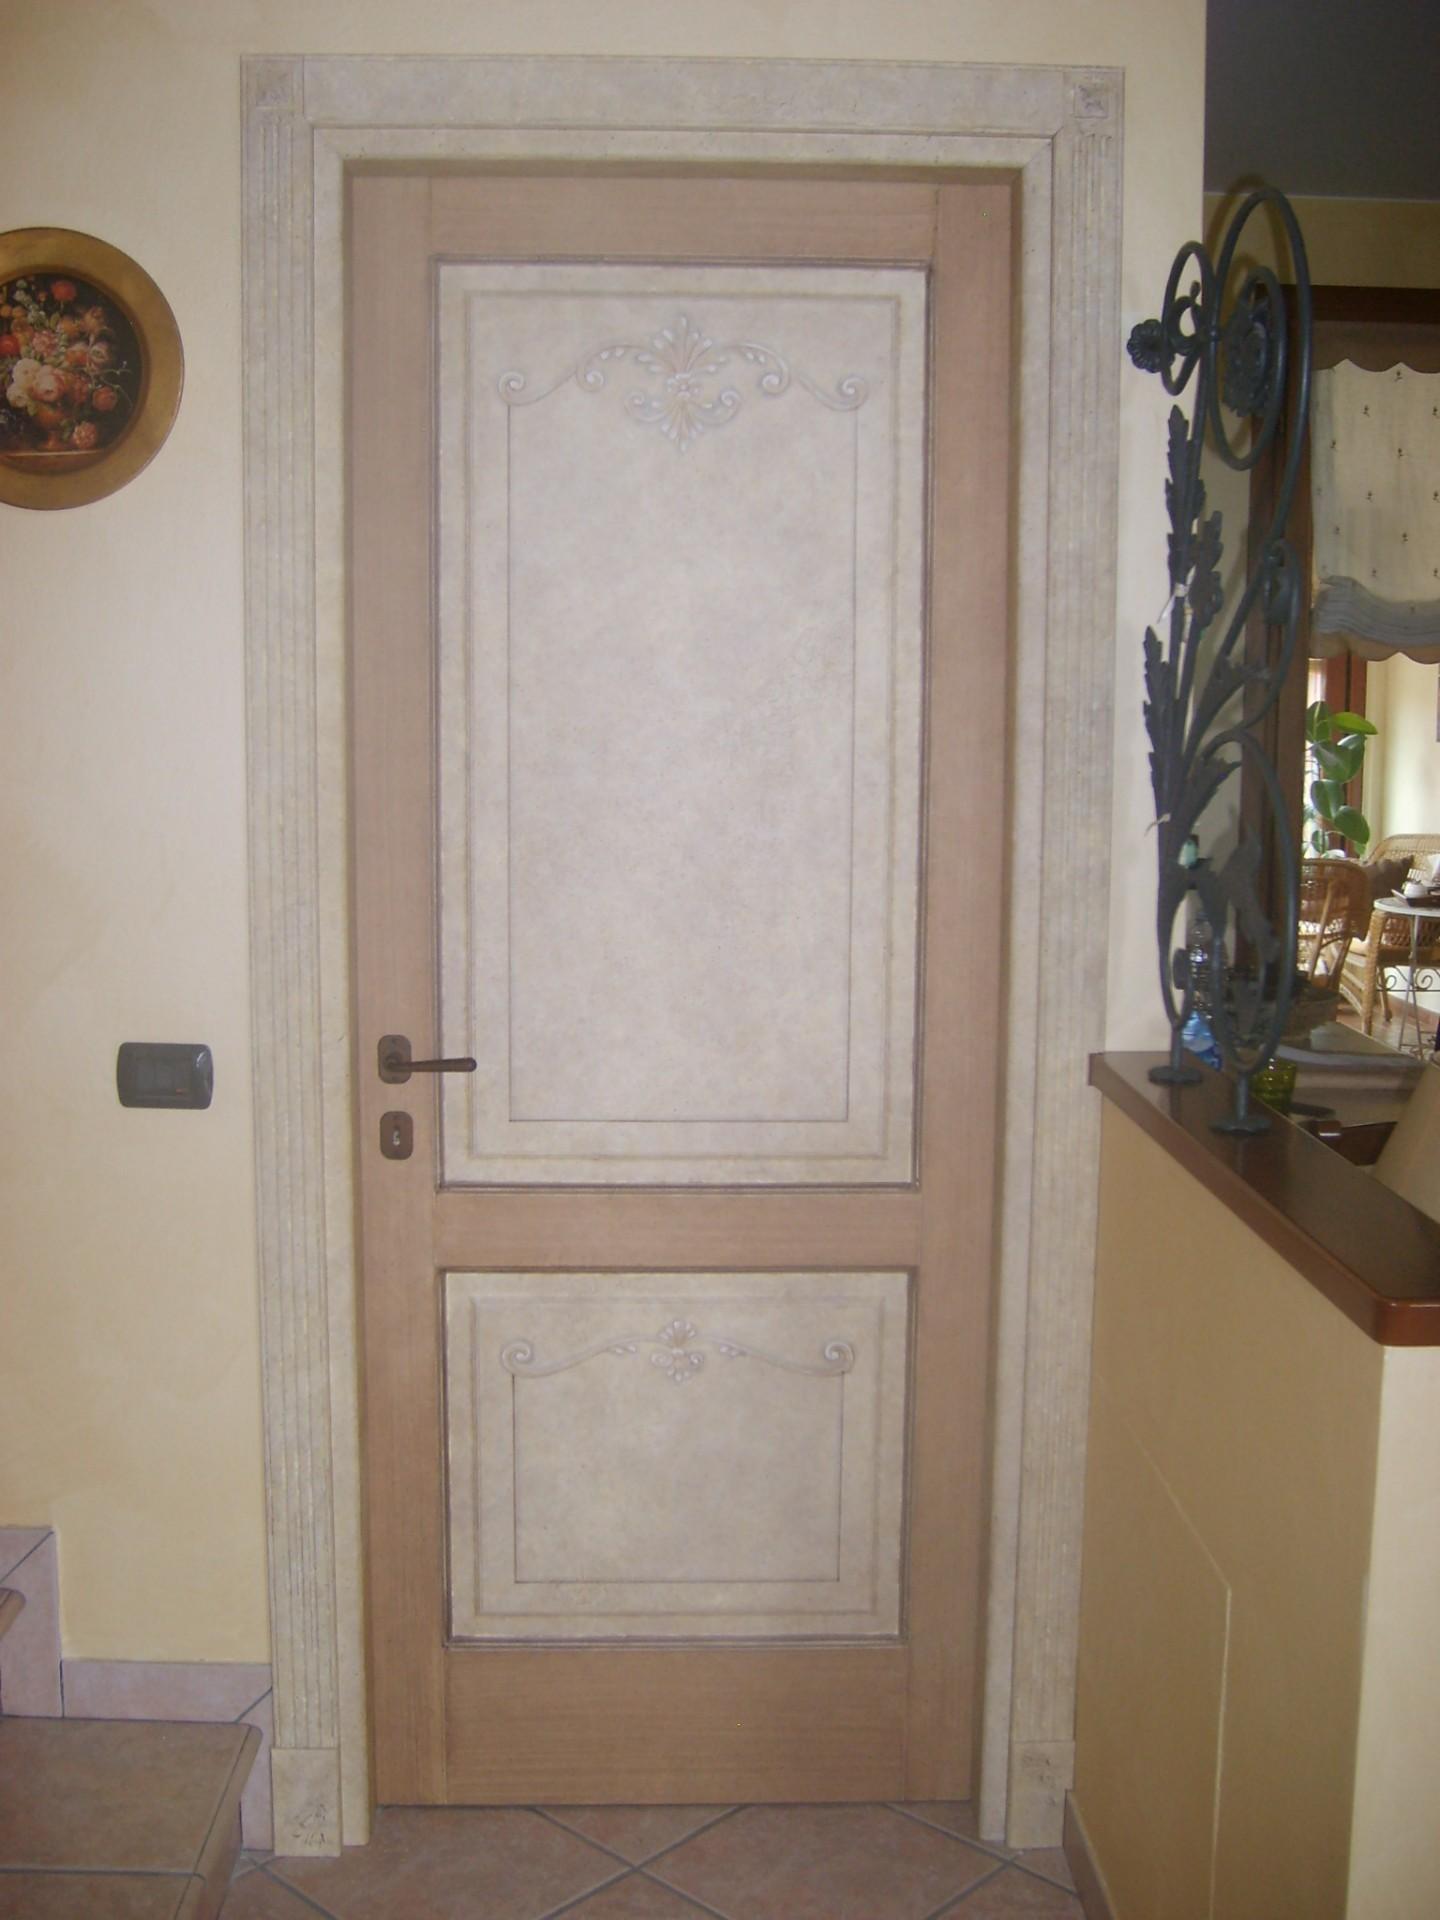 Porte interne in legno fughe massello pantografato modello tiziano 714 qq d 32 infix - Porte decorate antiche ...